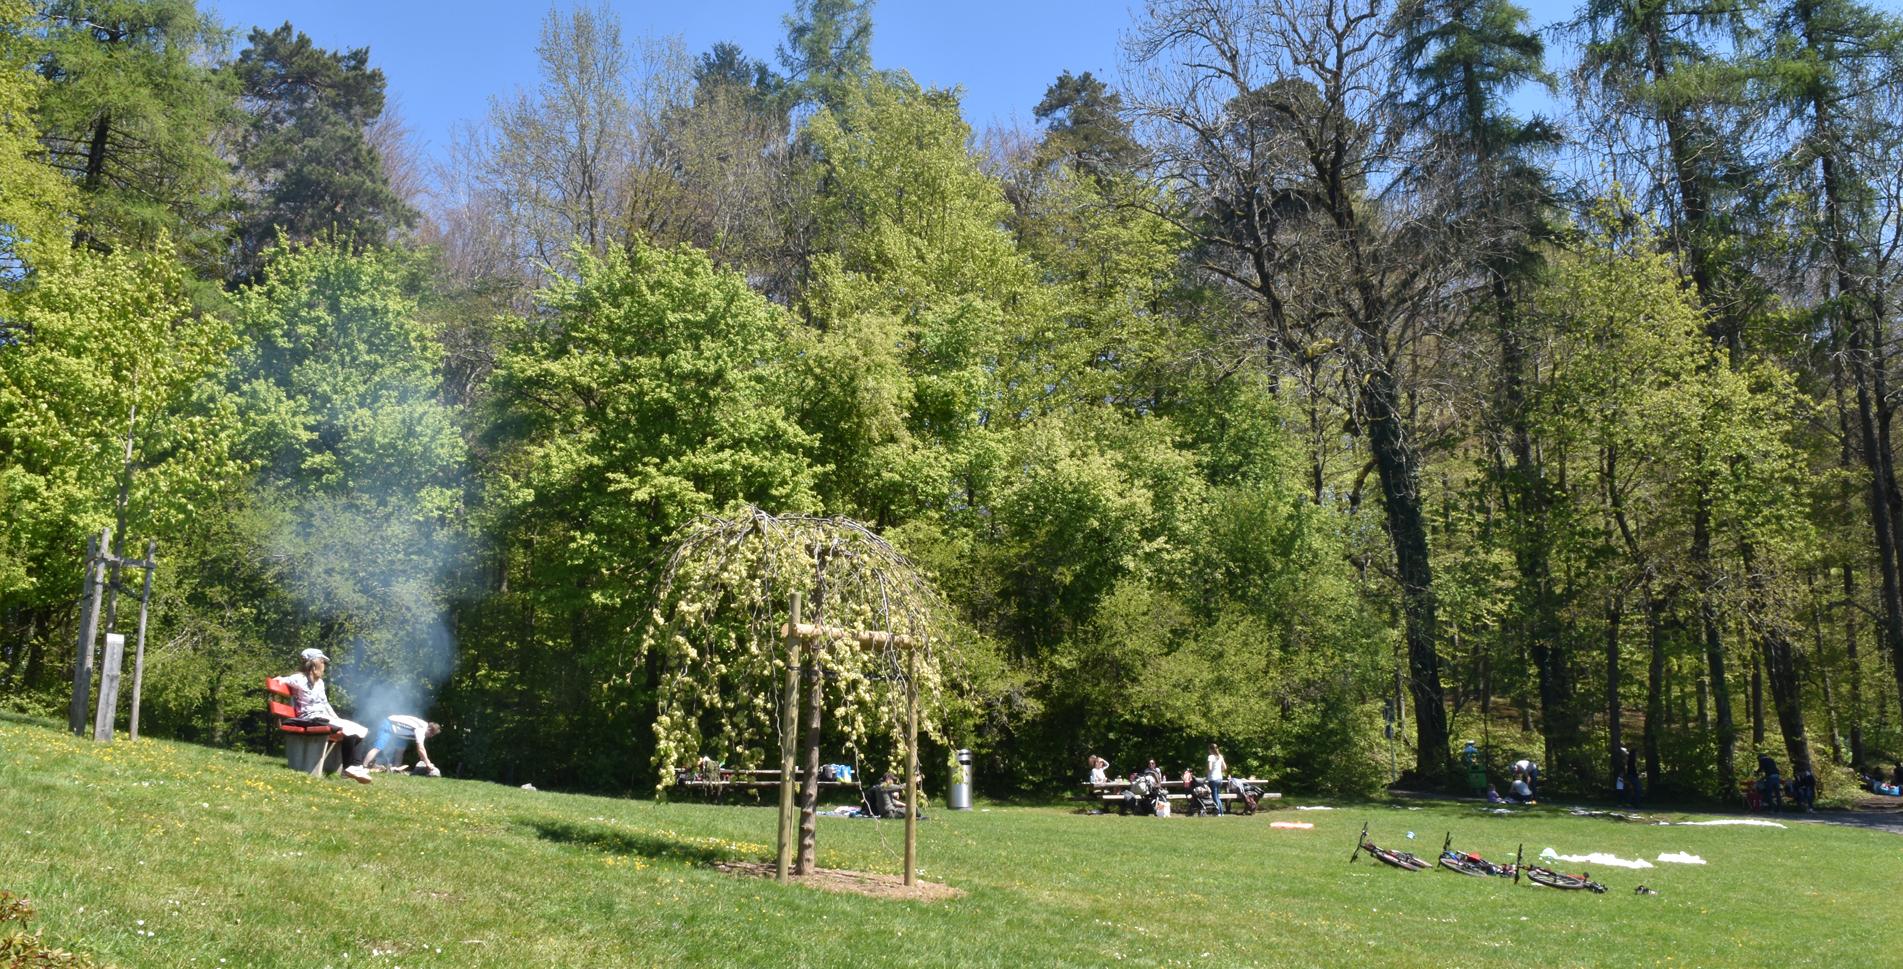 Wanderung von Horgen via Käpfnach, Aabachtobel, Arn, Horgenberg, Horgener Bergweiher / Weiher, Waldweiher, Gattikerweiher nach Langnau-Gattikon